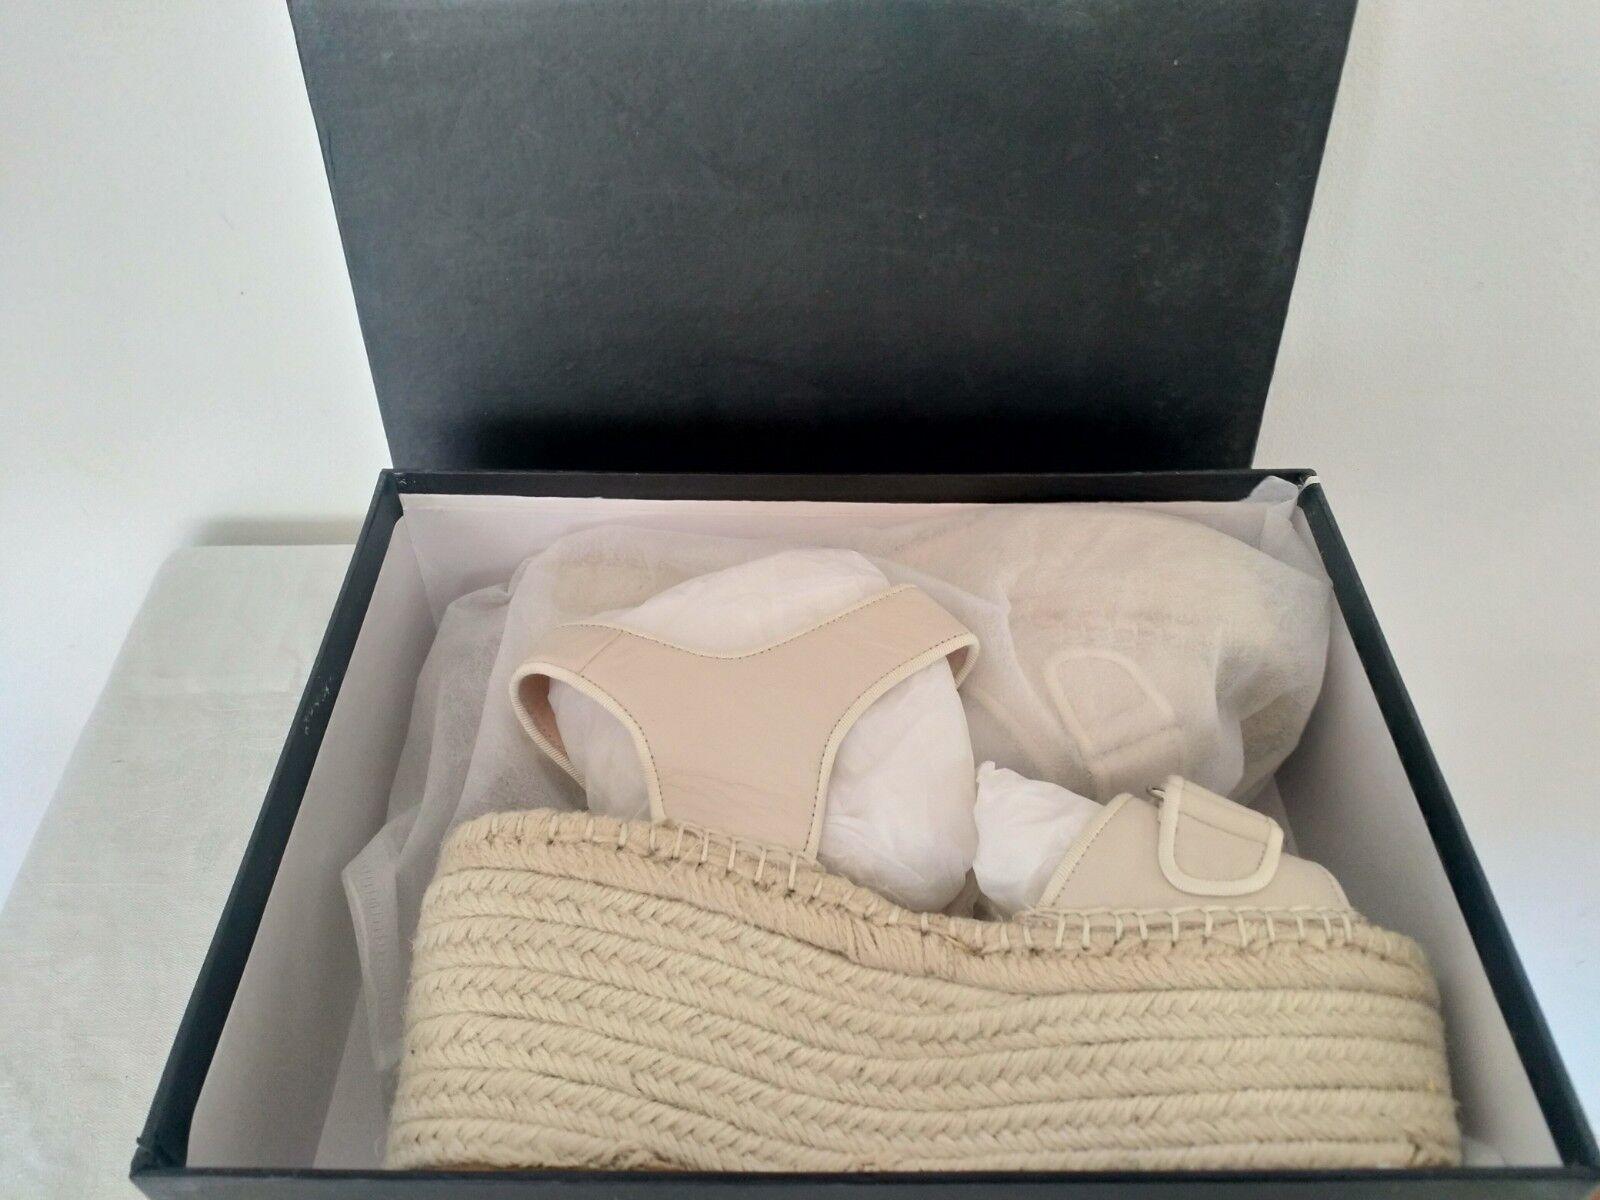 Emma Jacinto Alpargata Cuña Cuña Cuña Grueso Sandalias De Plataforma Desnuda real de cuero Talla 6  barato y de moda